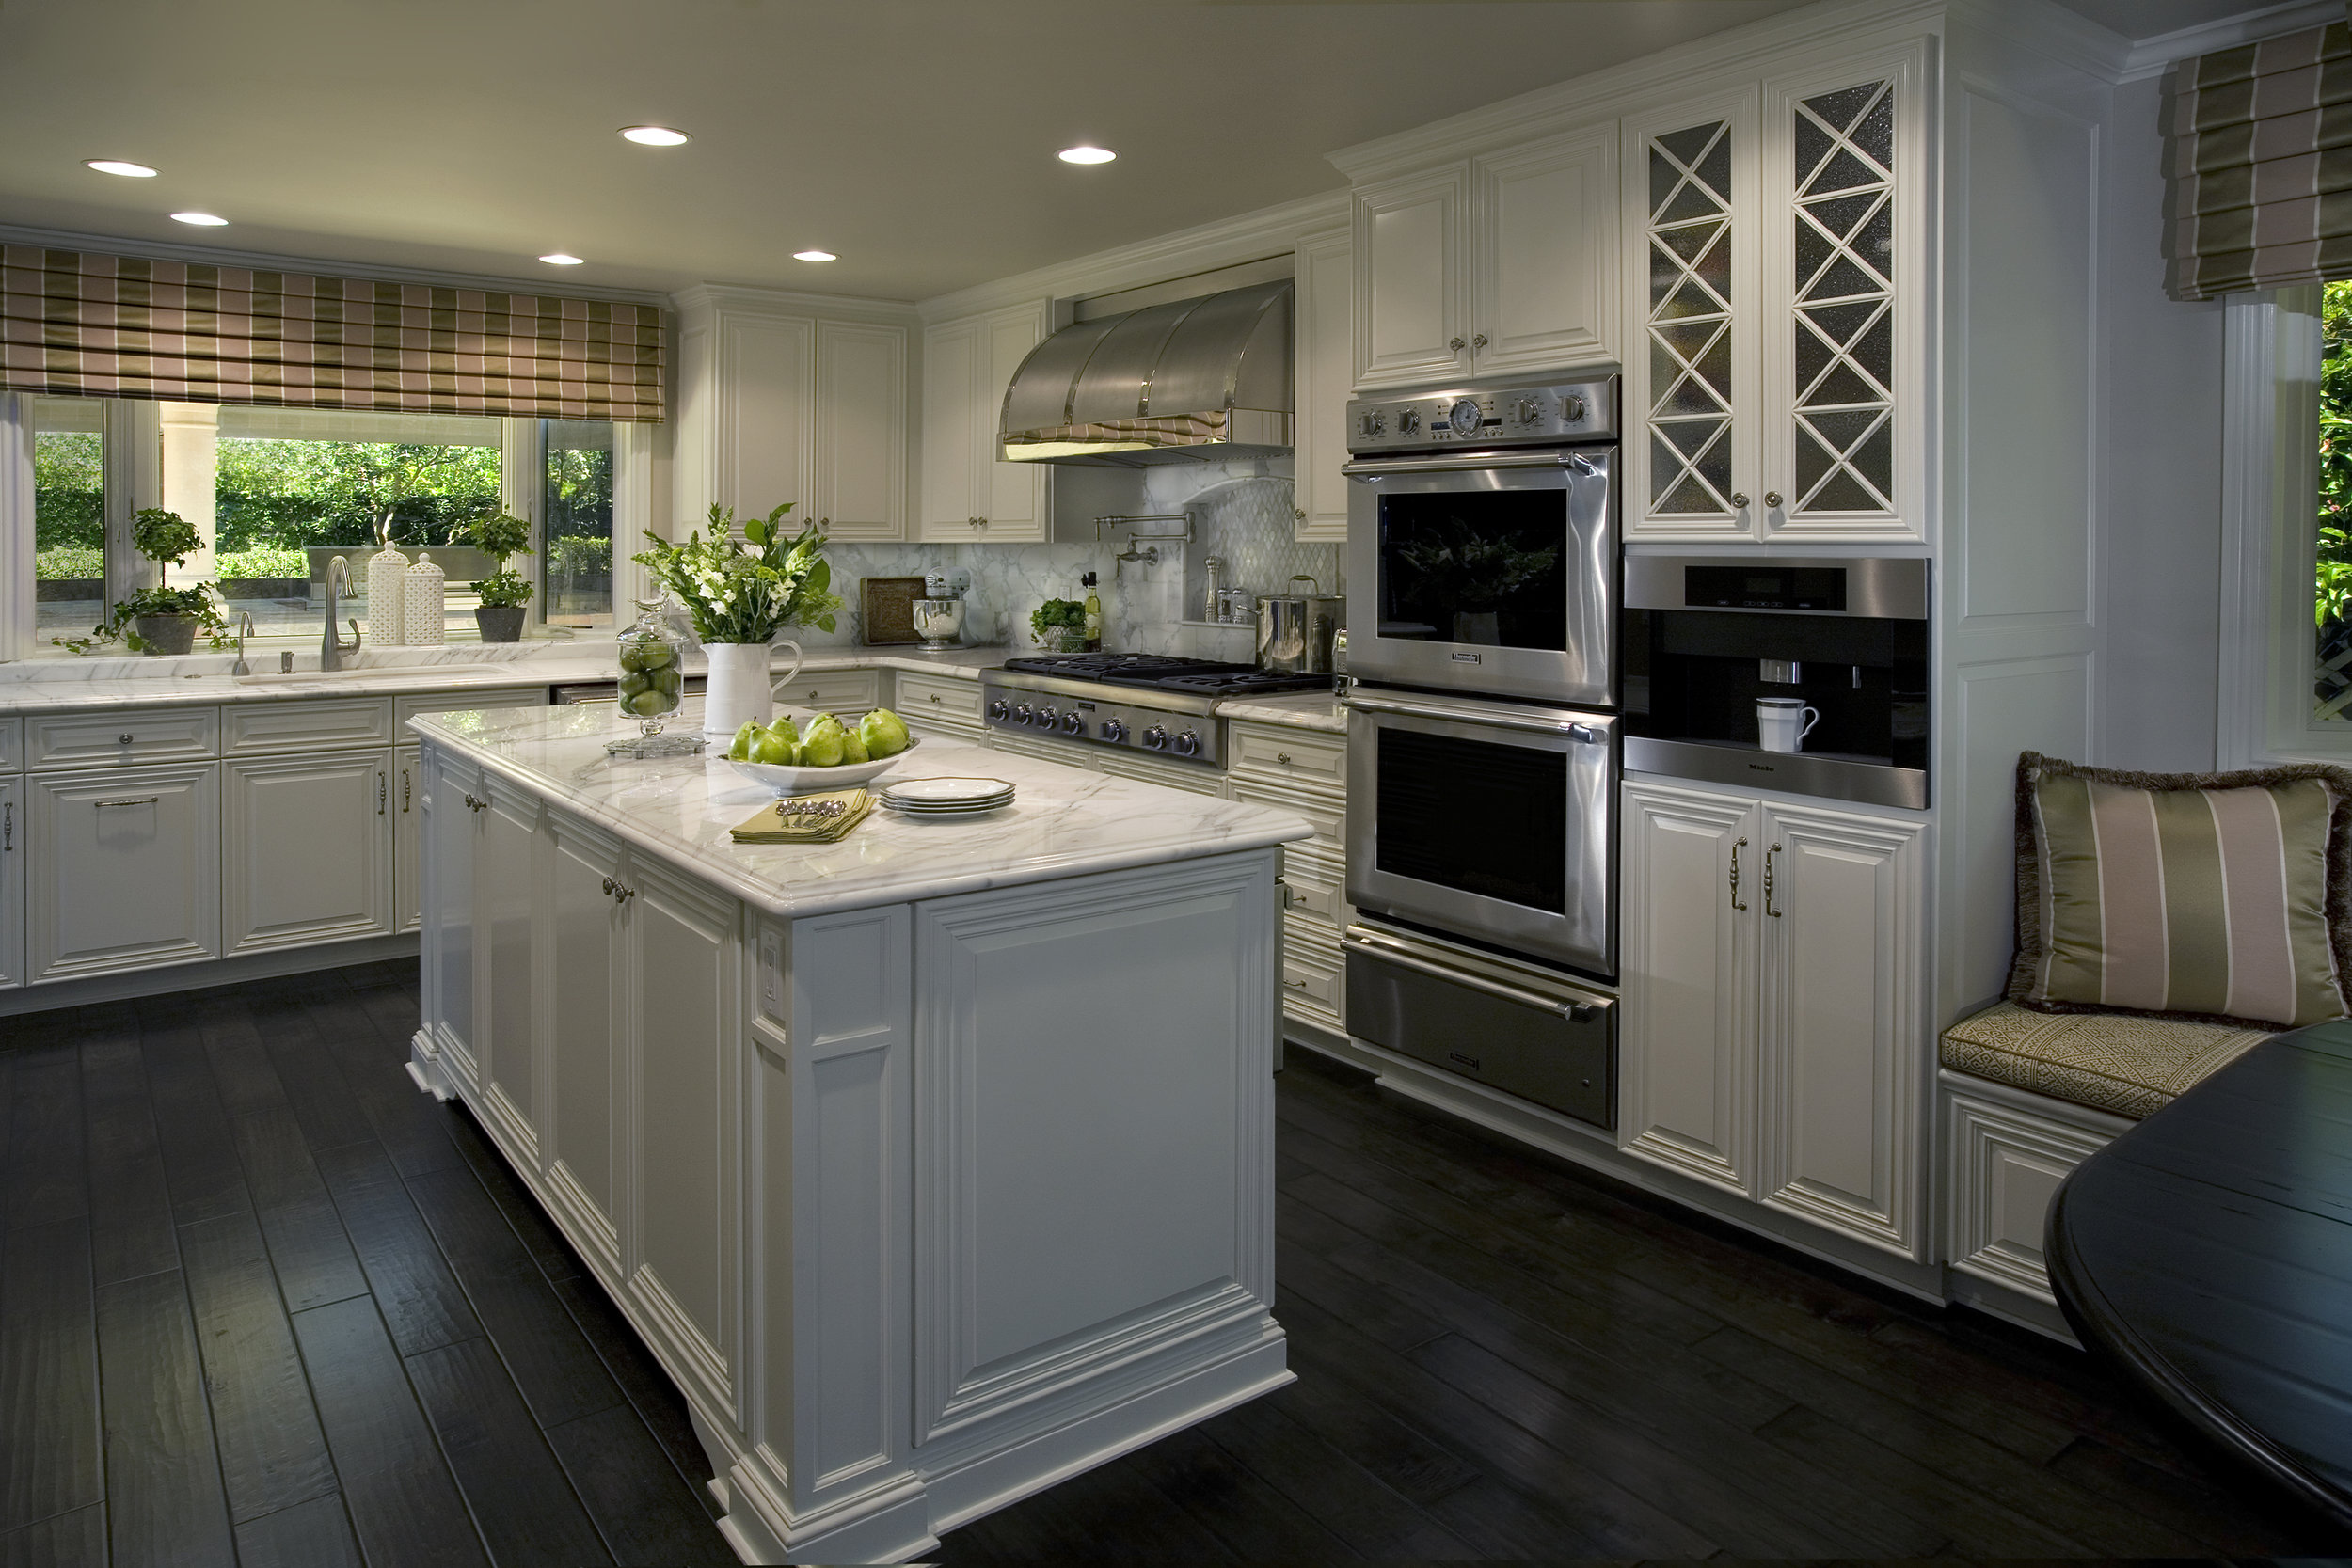 01_kitchen1.jpg